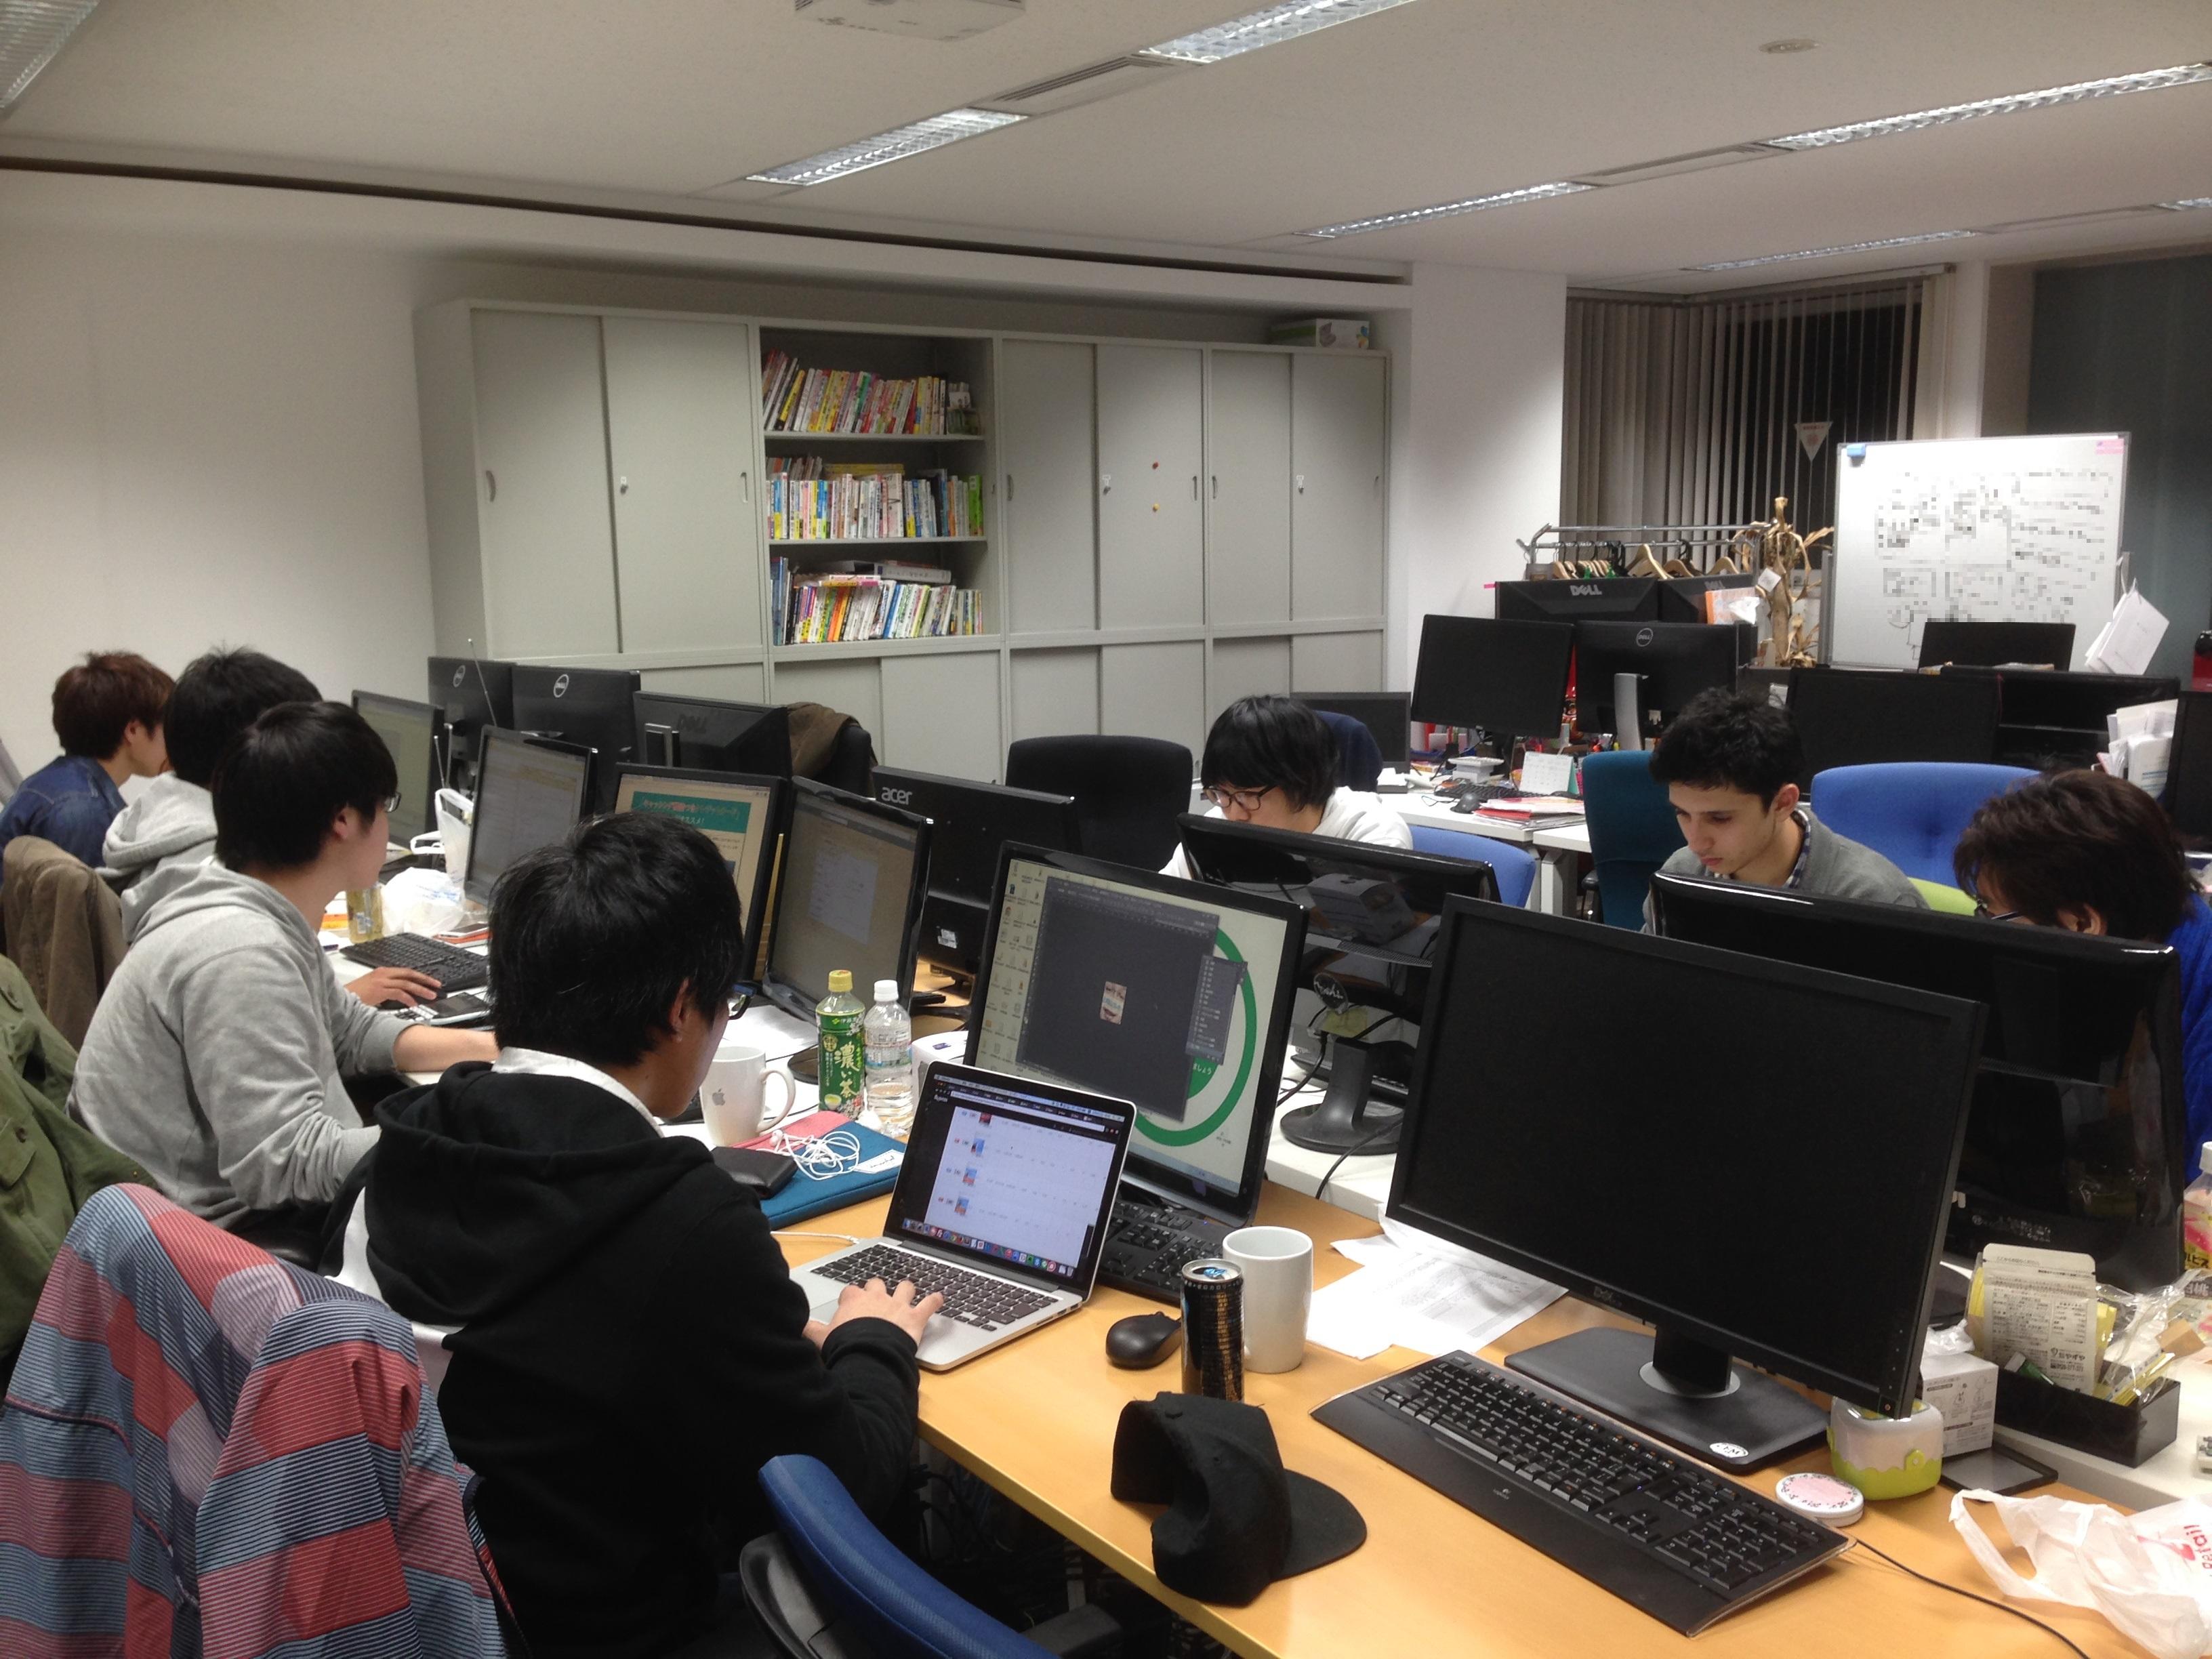 上野オフィス時代の業務風景